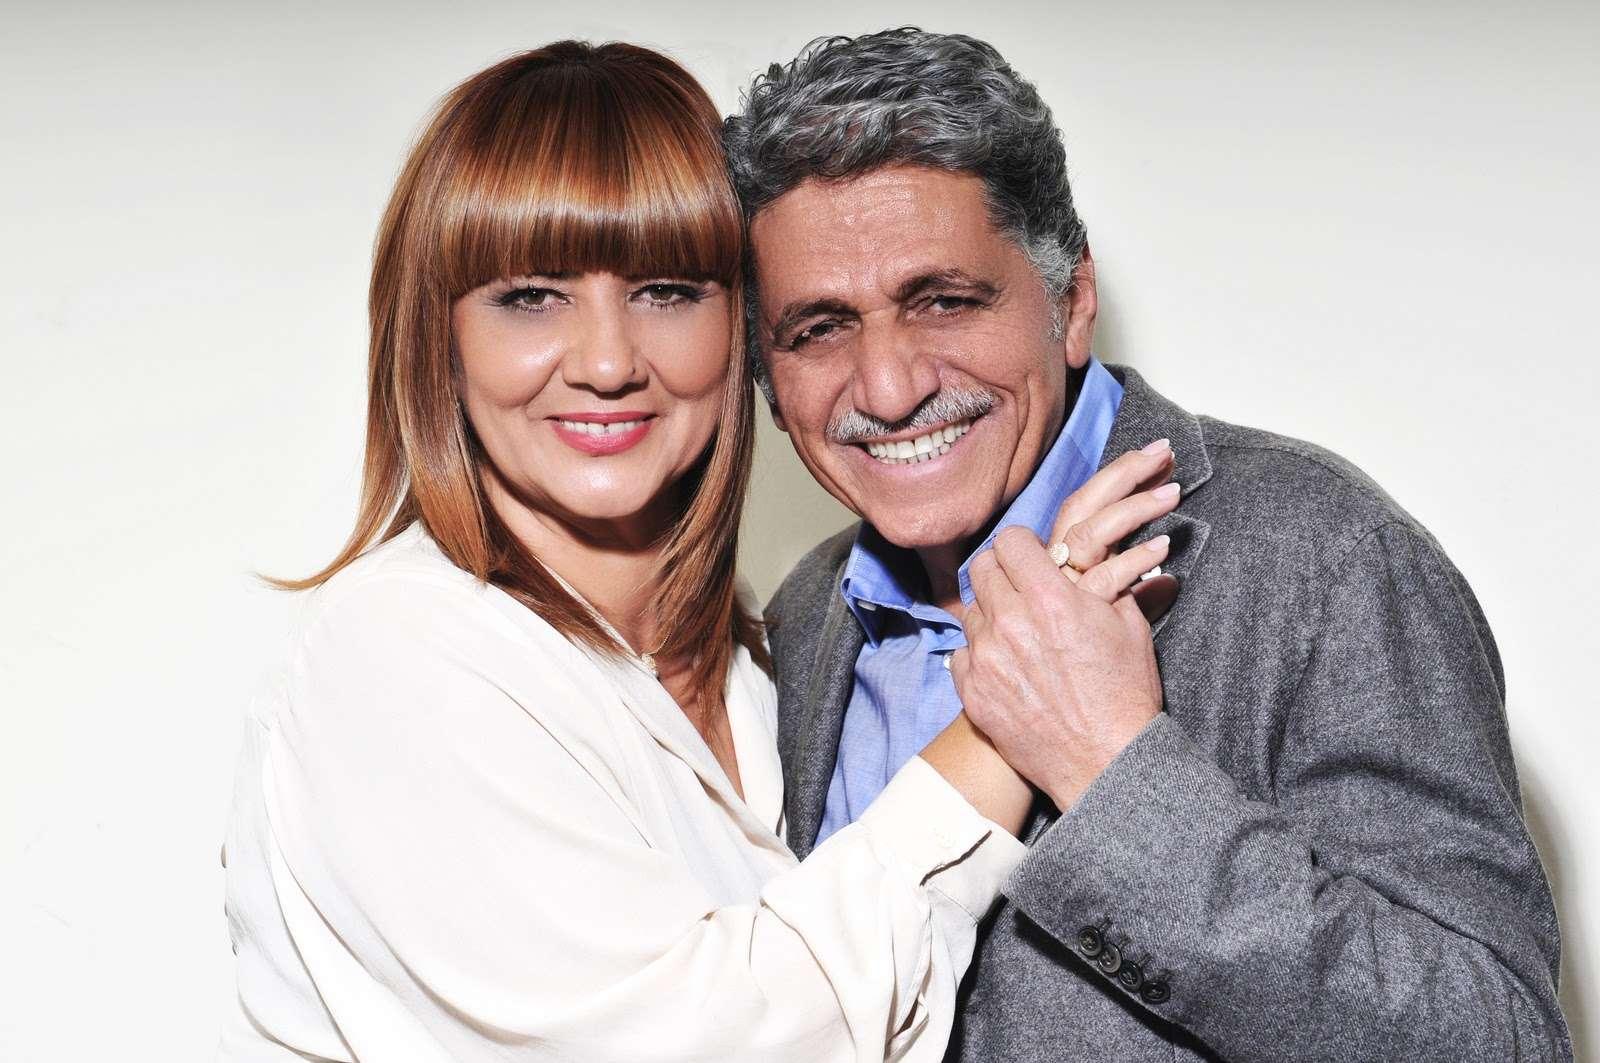 FOTO/ Covid-19 i ndau për shumë javë, Sabri Fejzullahu bashkohet me gruan